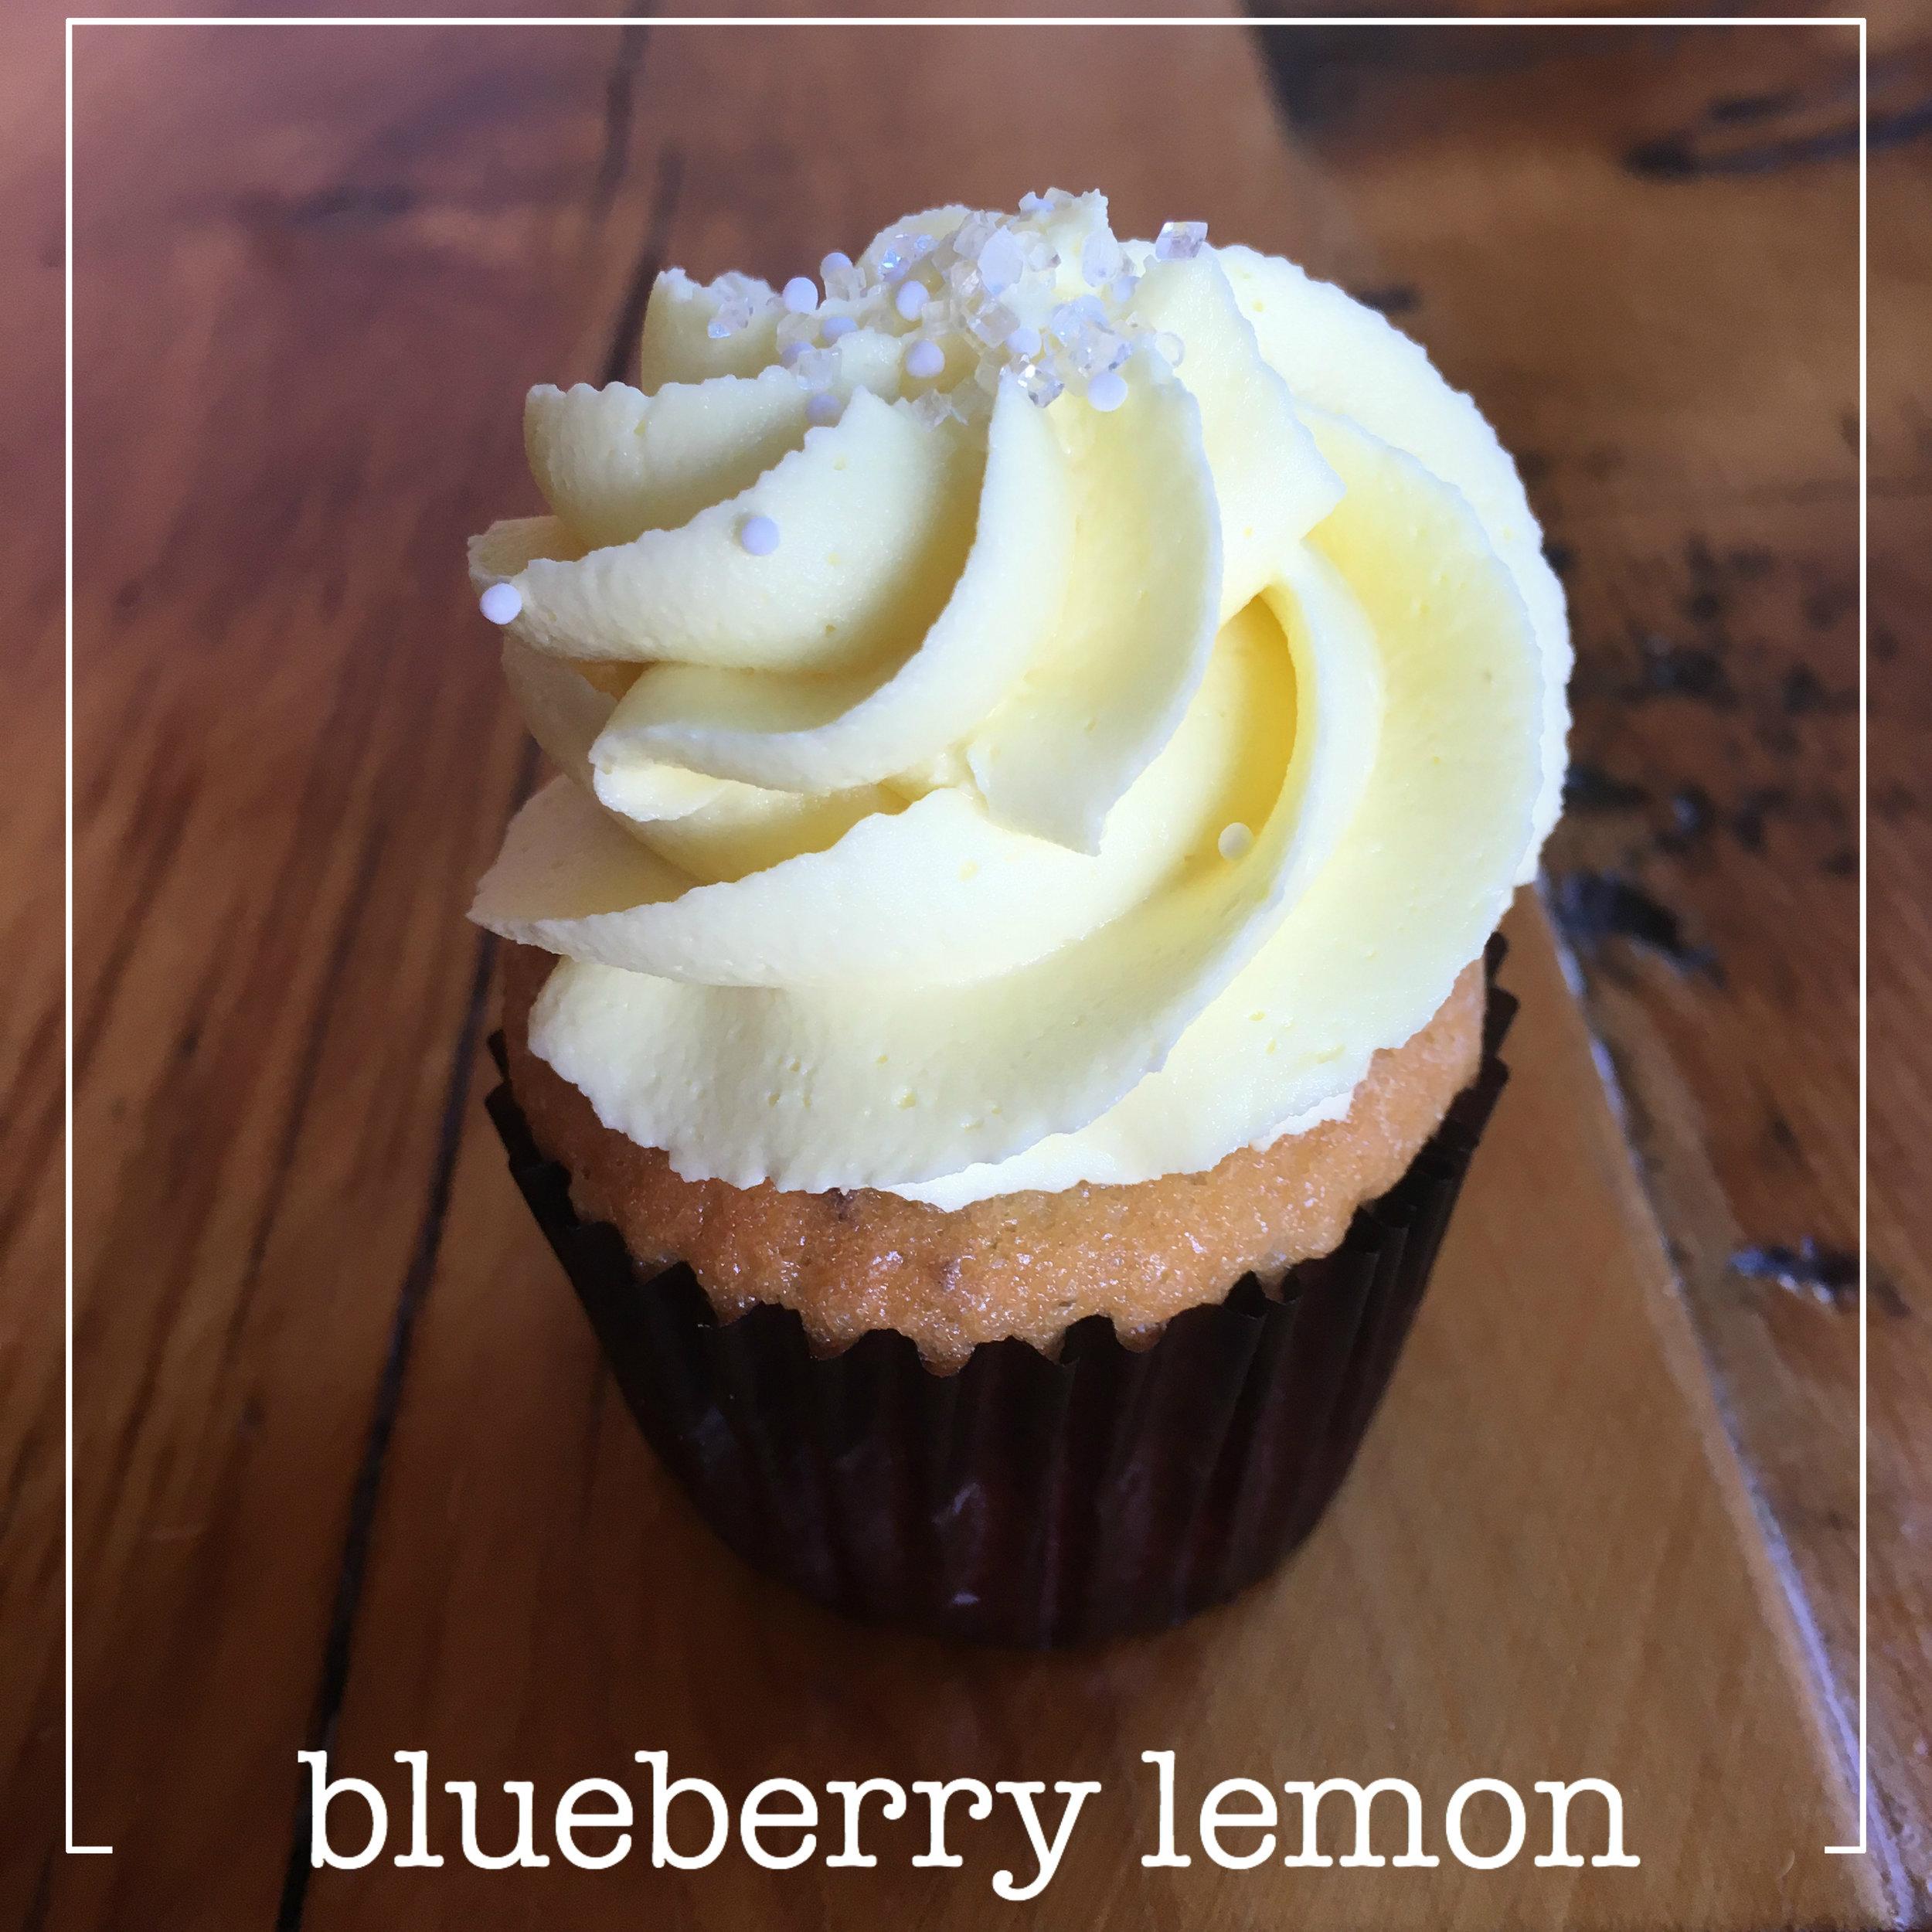 Blueberry Lemon.jpg